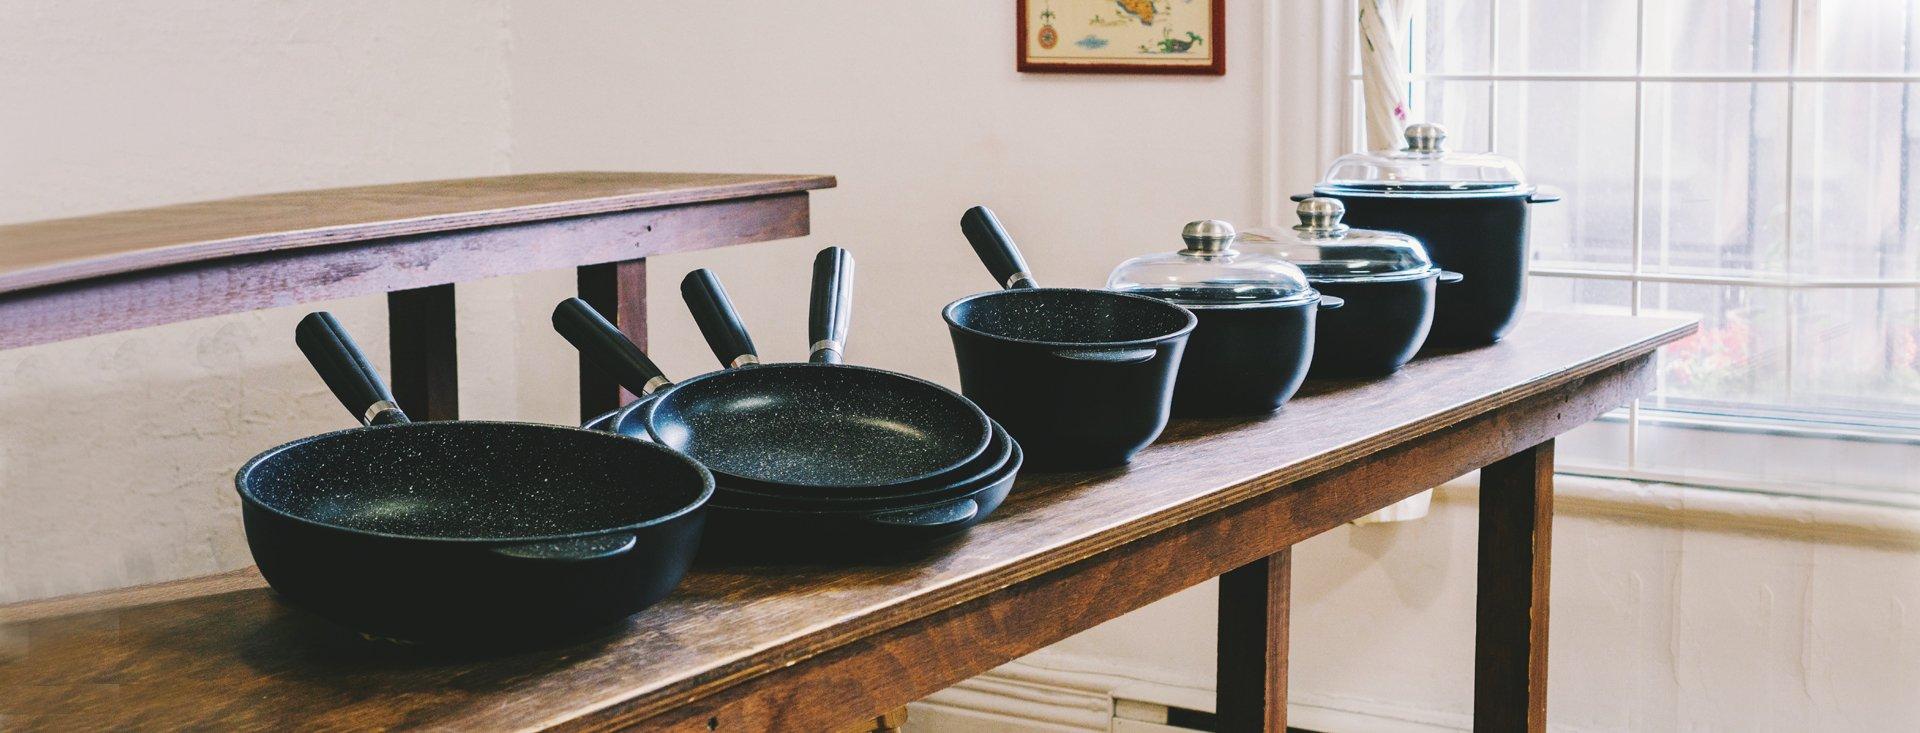 Quincaillerie Dante Accessoires Articles De Cuisine Montreal